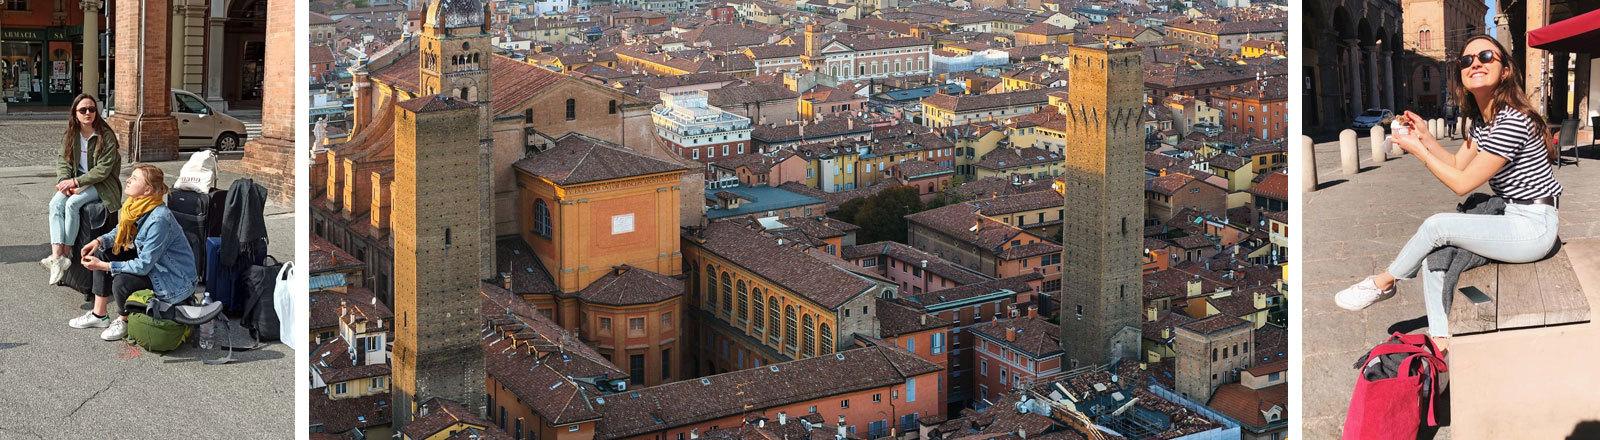 Erasmus-Studentin Leonie in der italienischen Stadt Bologna.